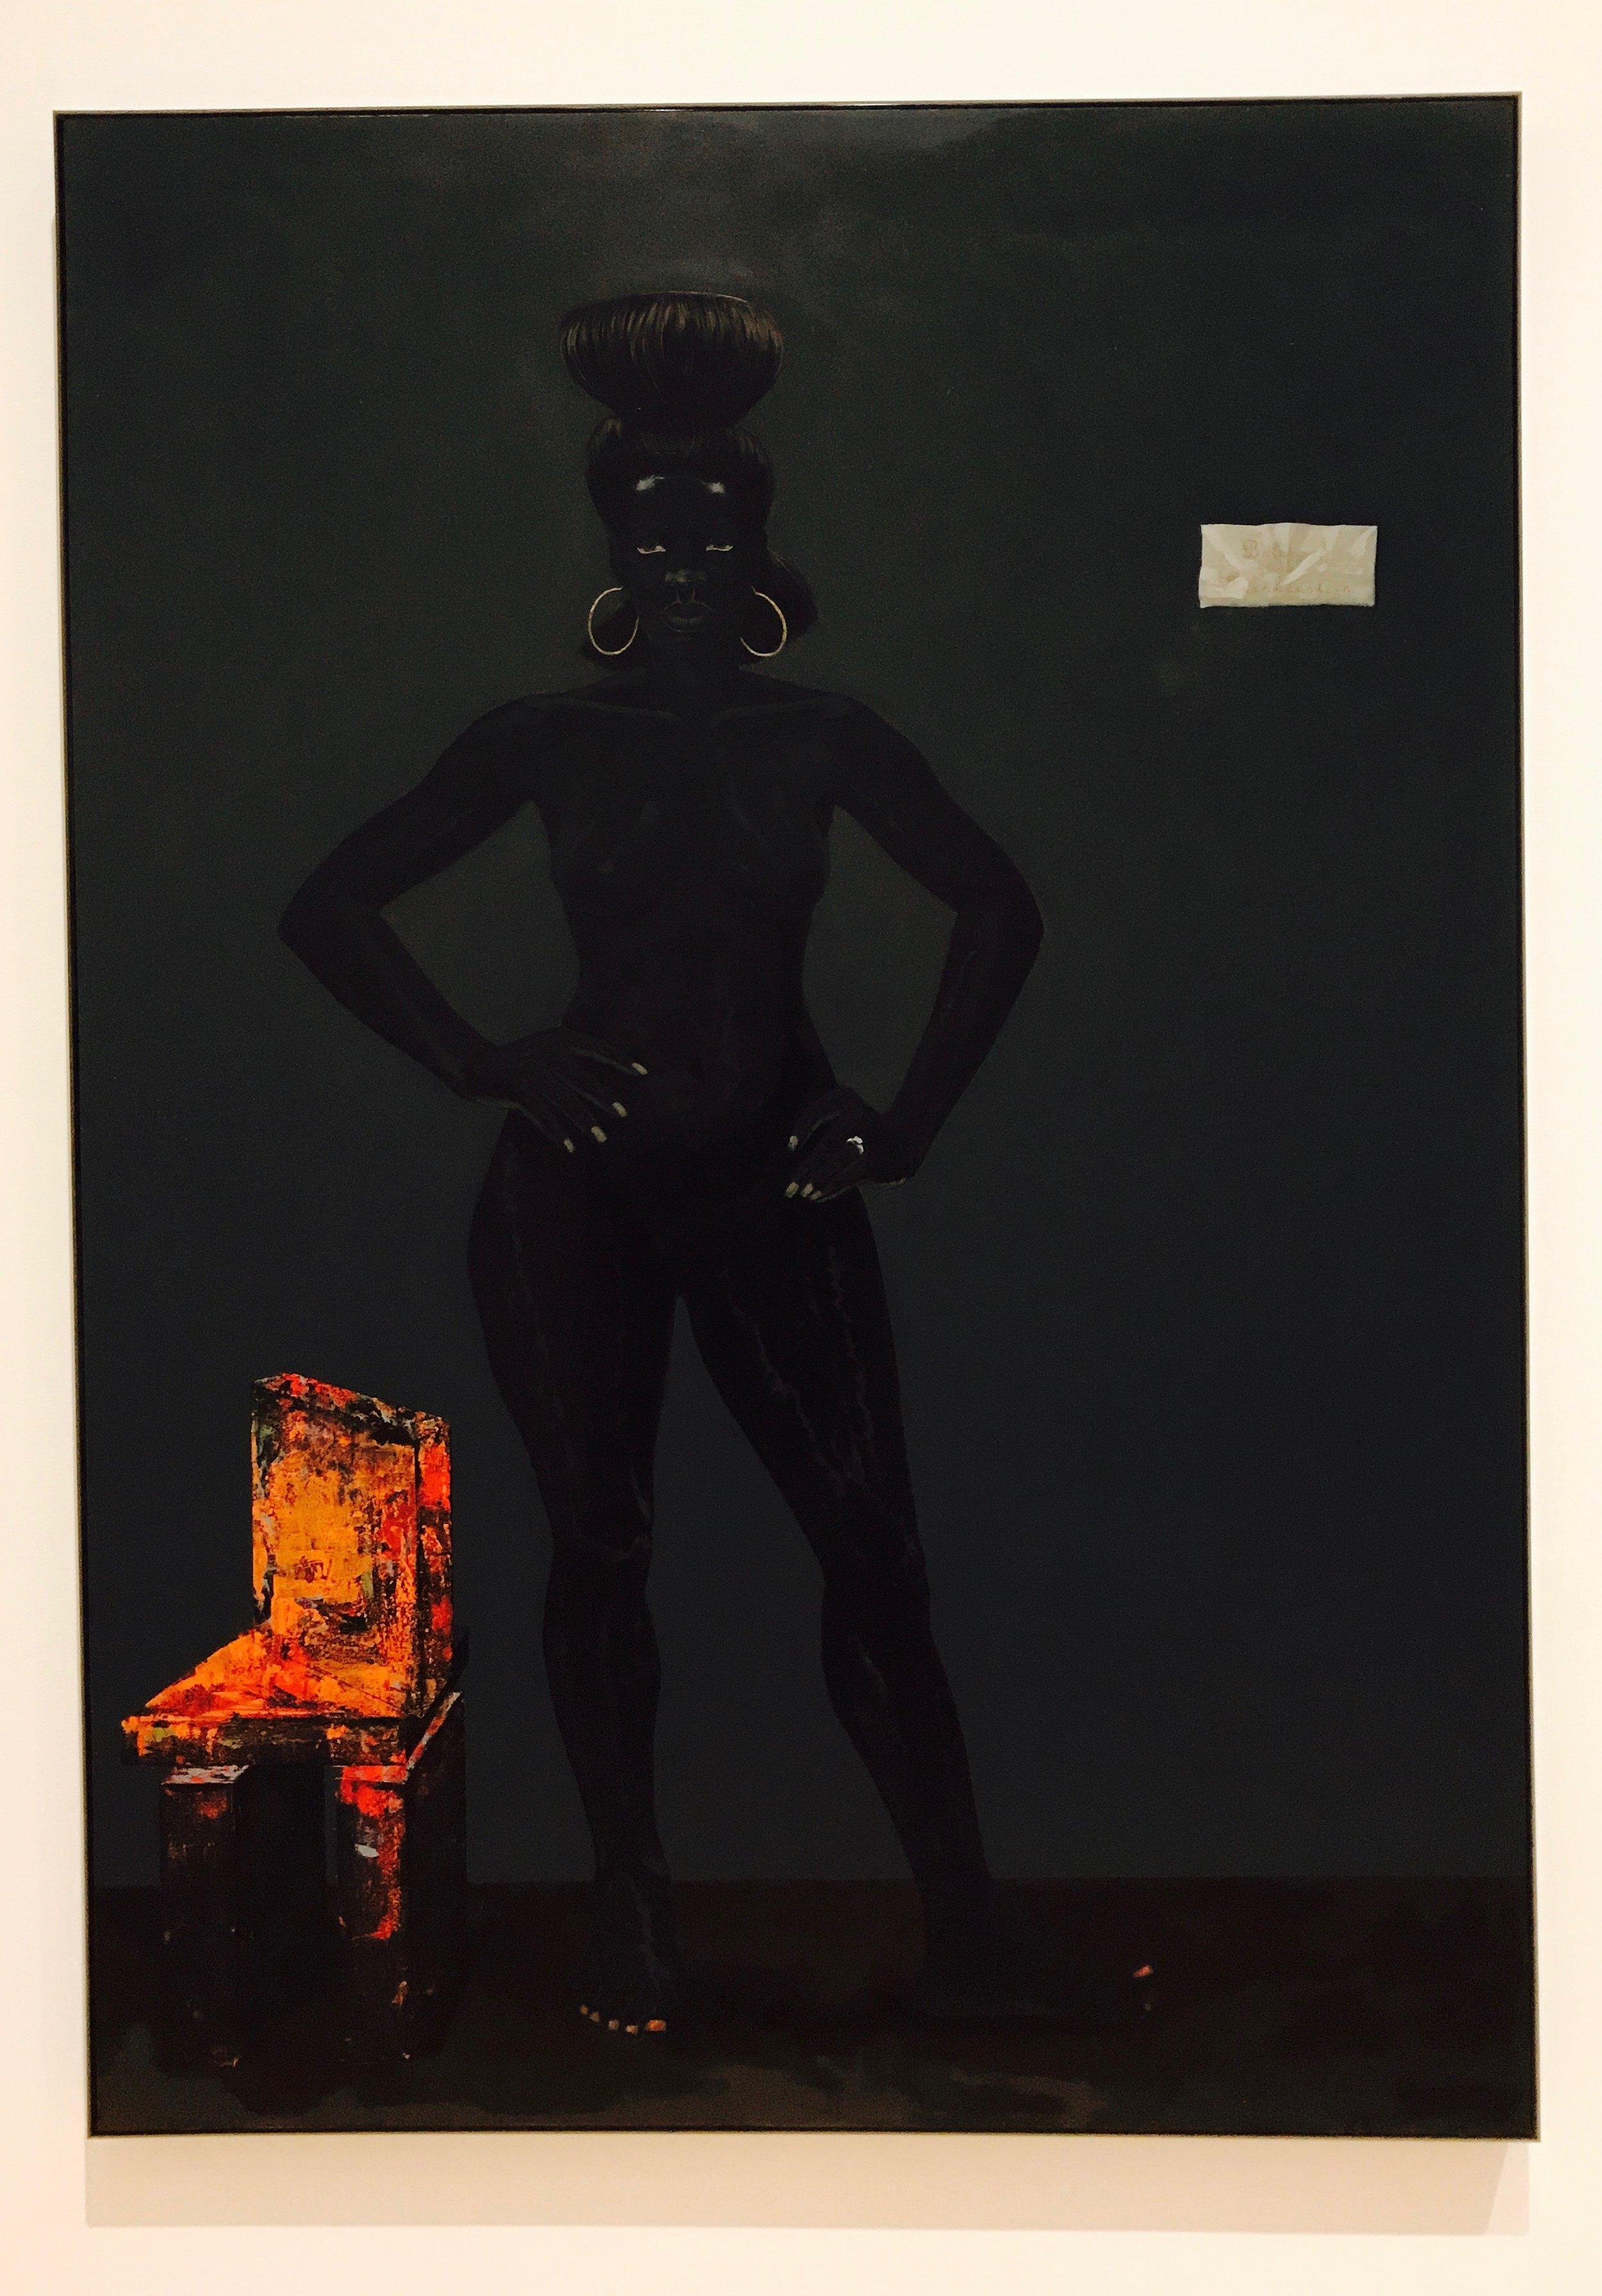 KJM Black Woman